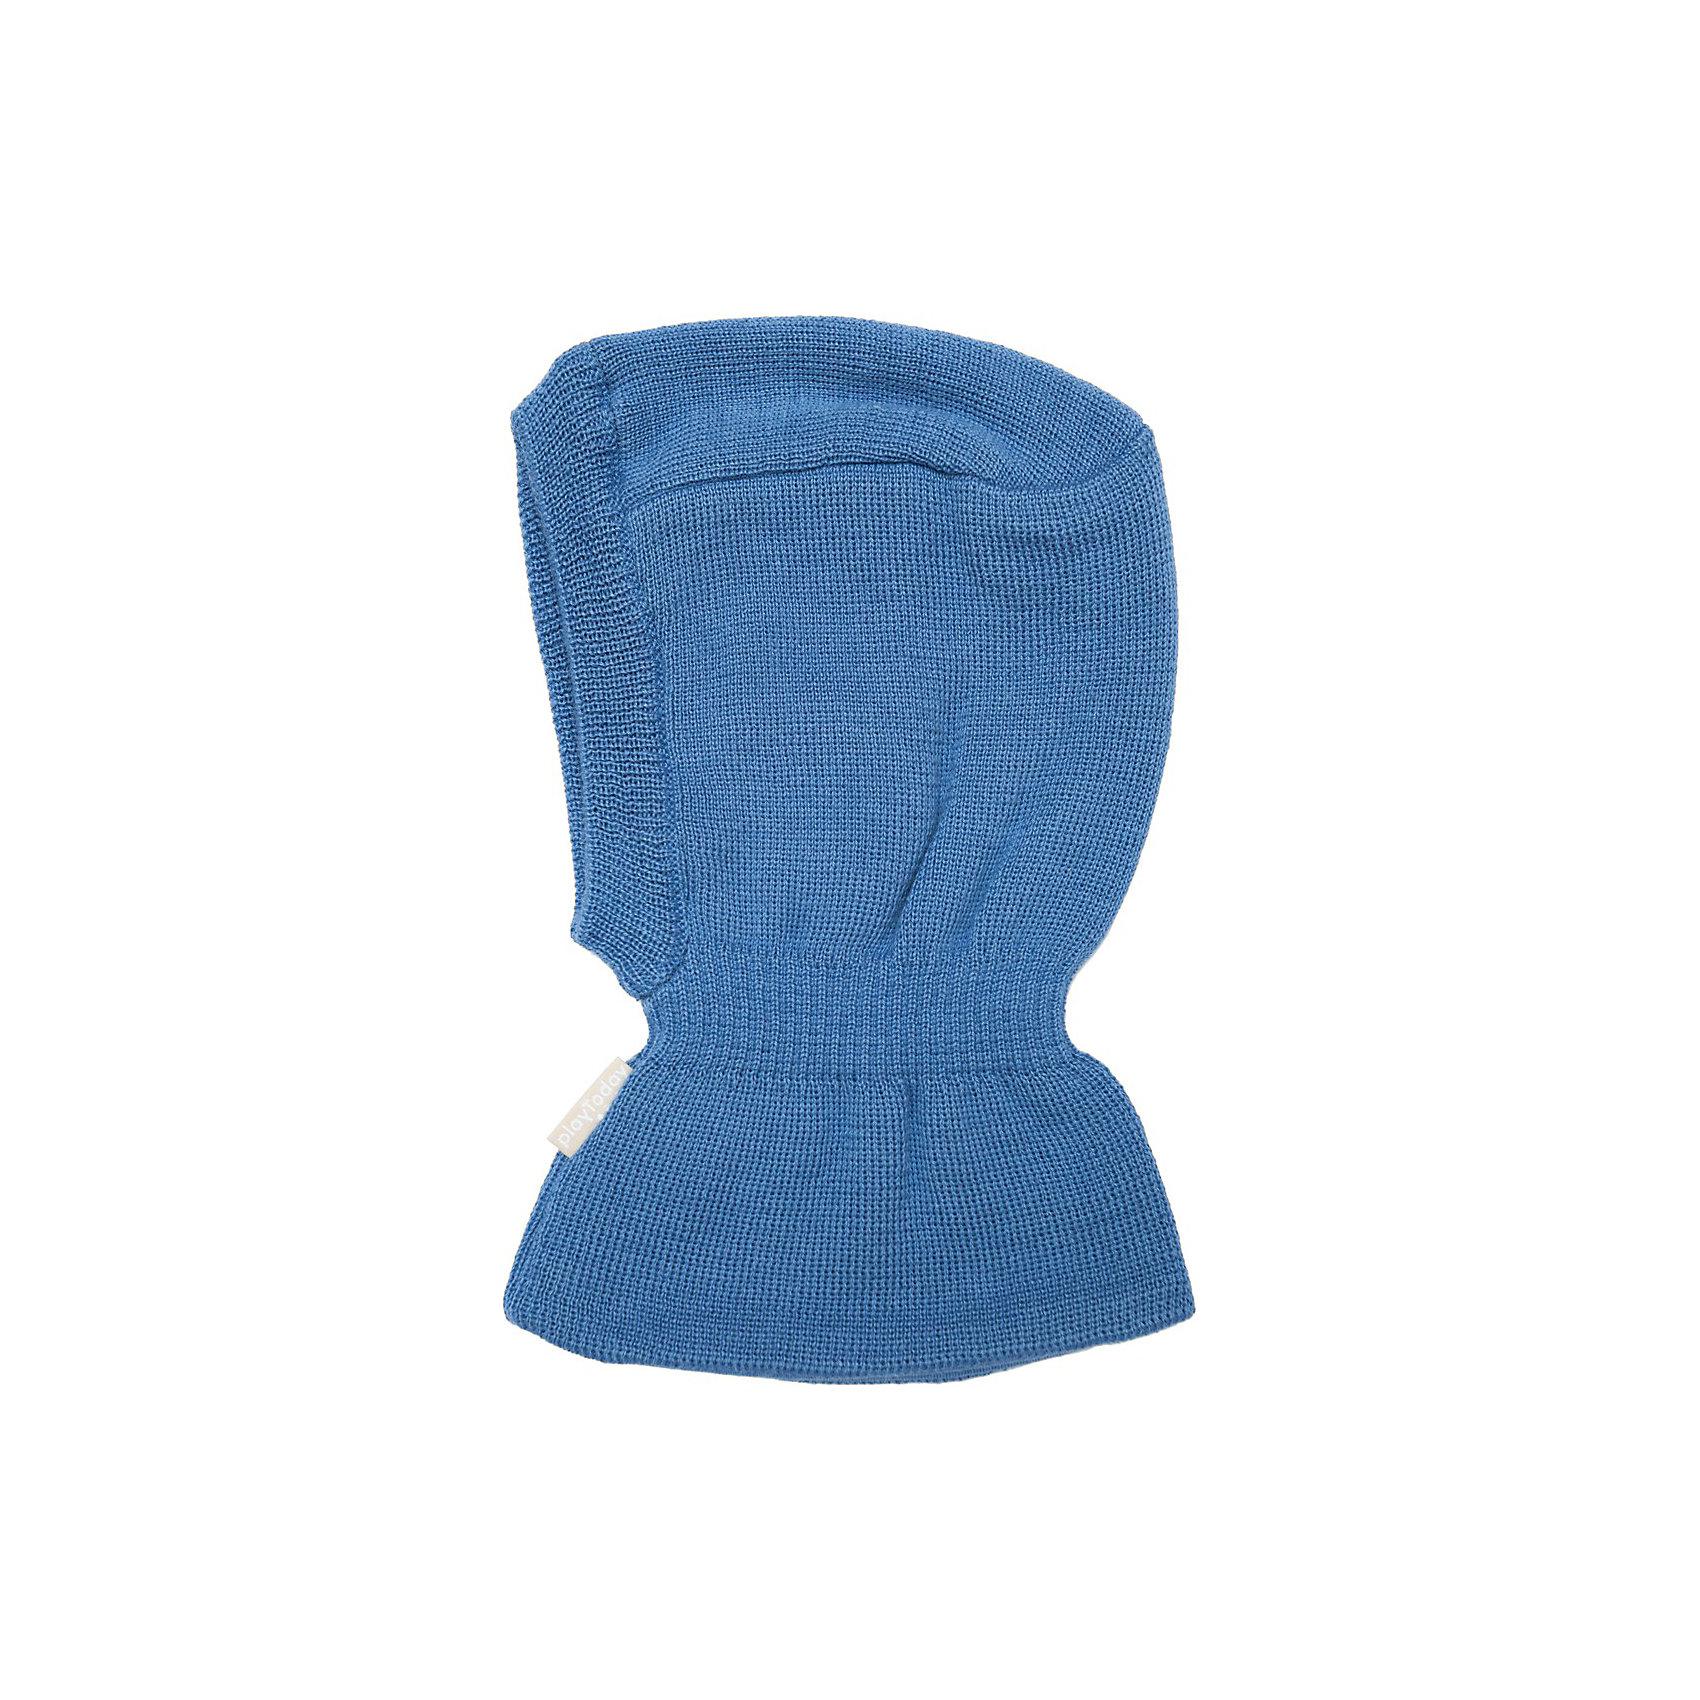 Шапка-шлем для мальчика PlayTodayШапка для мальчика от известной марки PlayToday<br>* вязаная шапка-шлем на трикотажной подкладке<br>* в районе ушей ветрозащитные детали<br>Состав:<br>верх: 70% акрил, 30% шерсть, подкладка: 95% хлопок, 5% эластан<br><br>Ширина мм: 89<br>Глубина мм: 117<br>Высота мм: 44<br>Вес г: 155<br>Цвет: синий<br>Возраст от месяцев: 6<br>Возраст до месяцев: 9<br>Пол: Мужской<br>Возраст: Детский<br>Размер: 46,48<br>SKU: 3745788